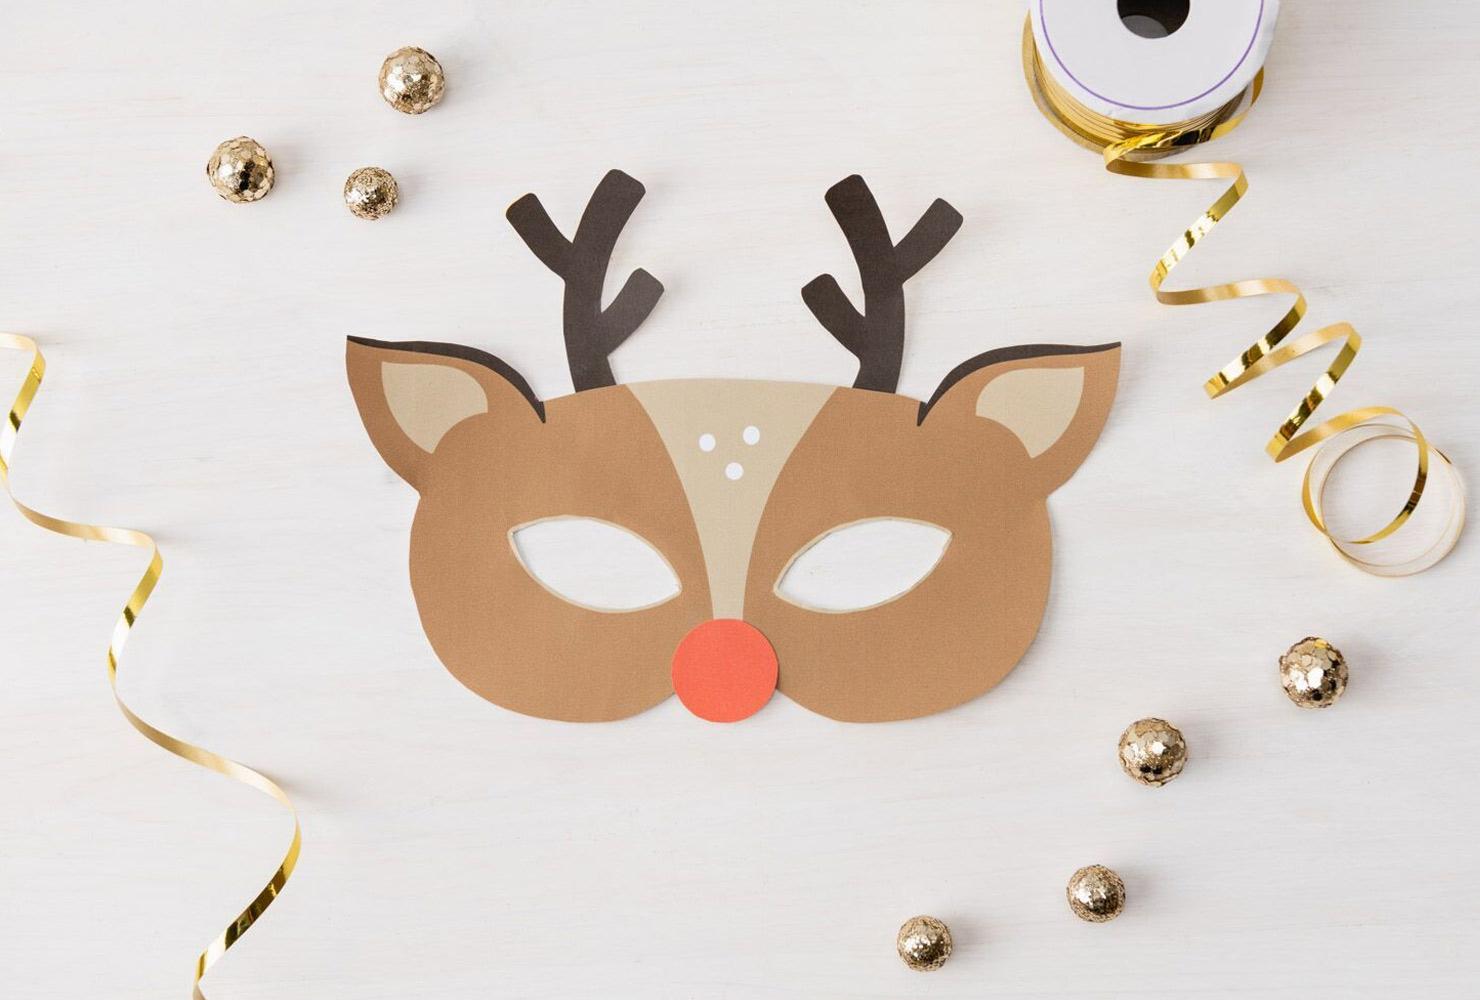 29 Christmas Crafts For Kids + Free Printable Crafts   Shutterfly - Free Printable Christmas Craft Templates